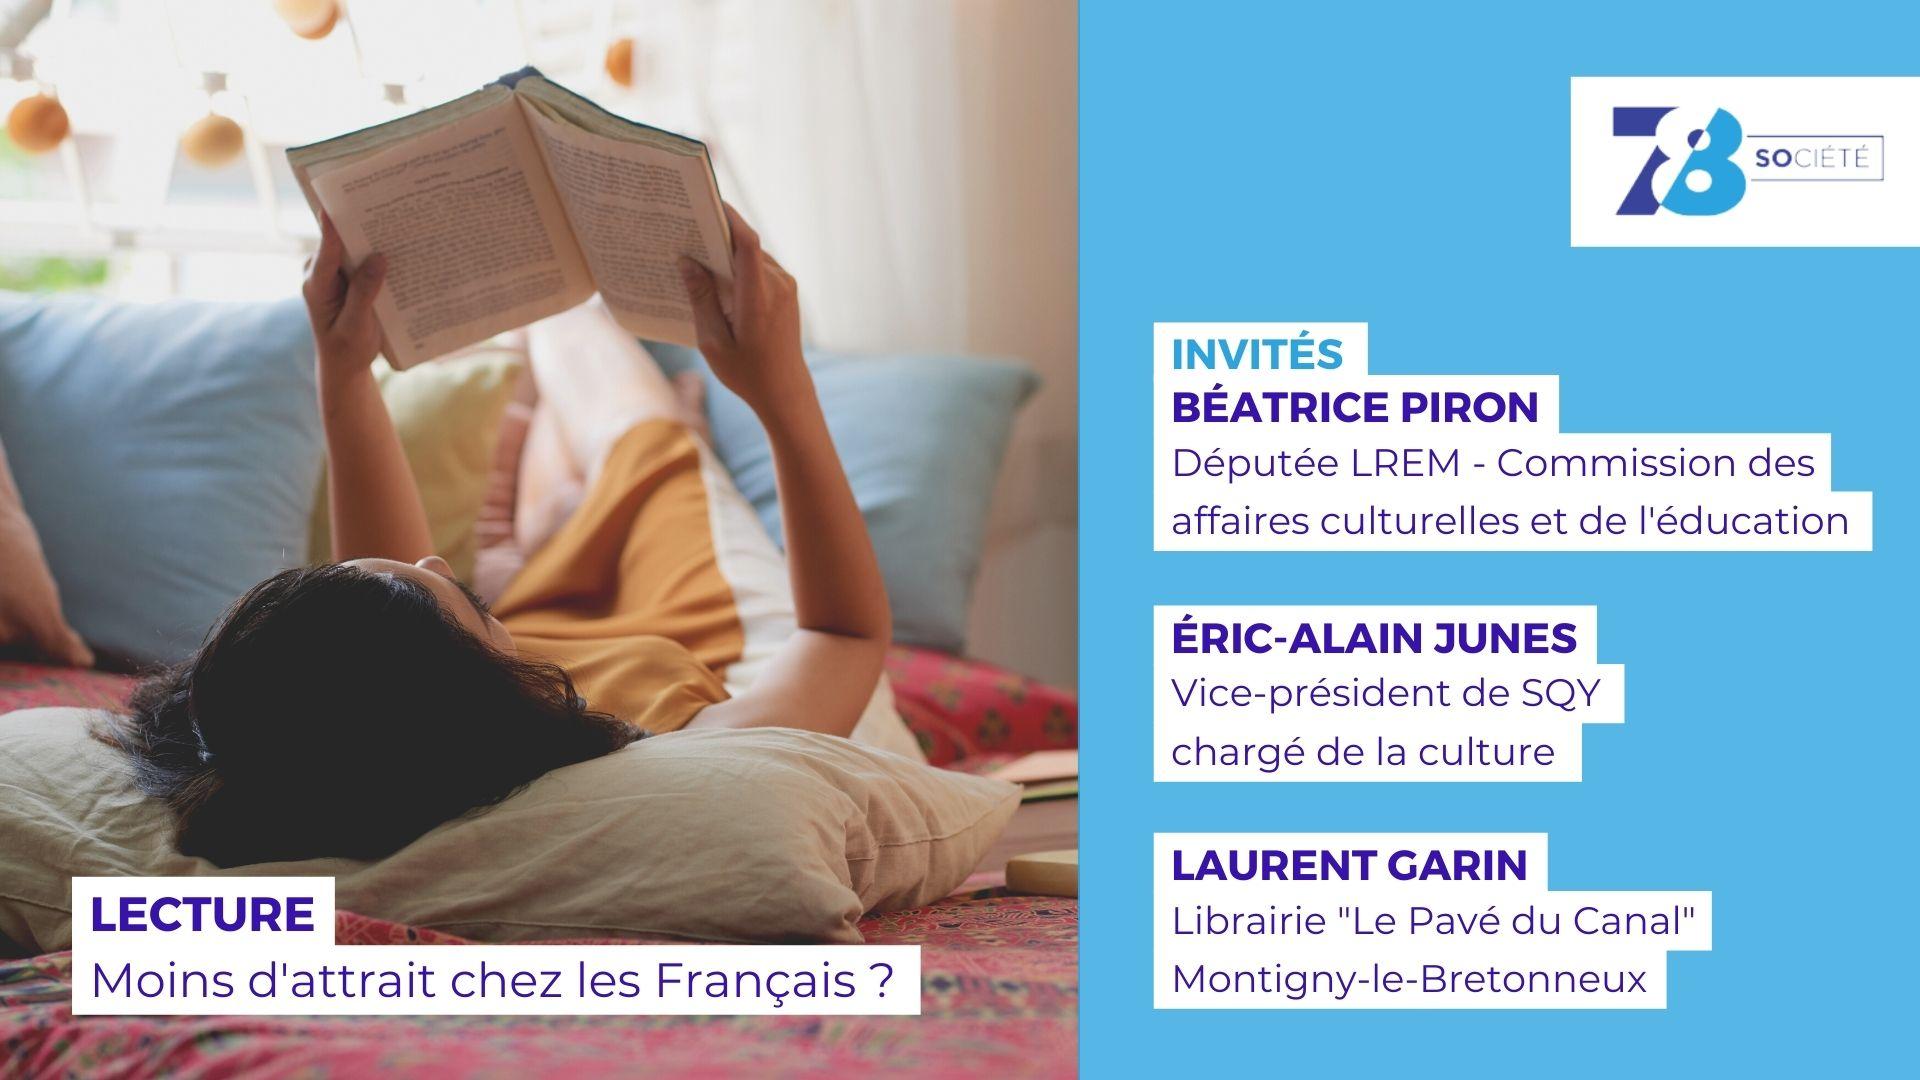 7/8 Société. Lecture : moins d'attrait chez les Français ?